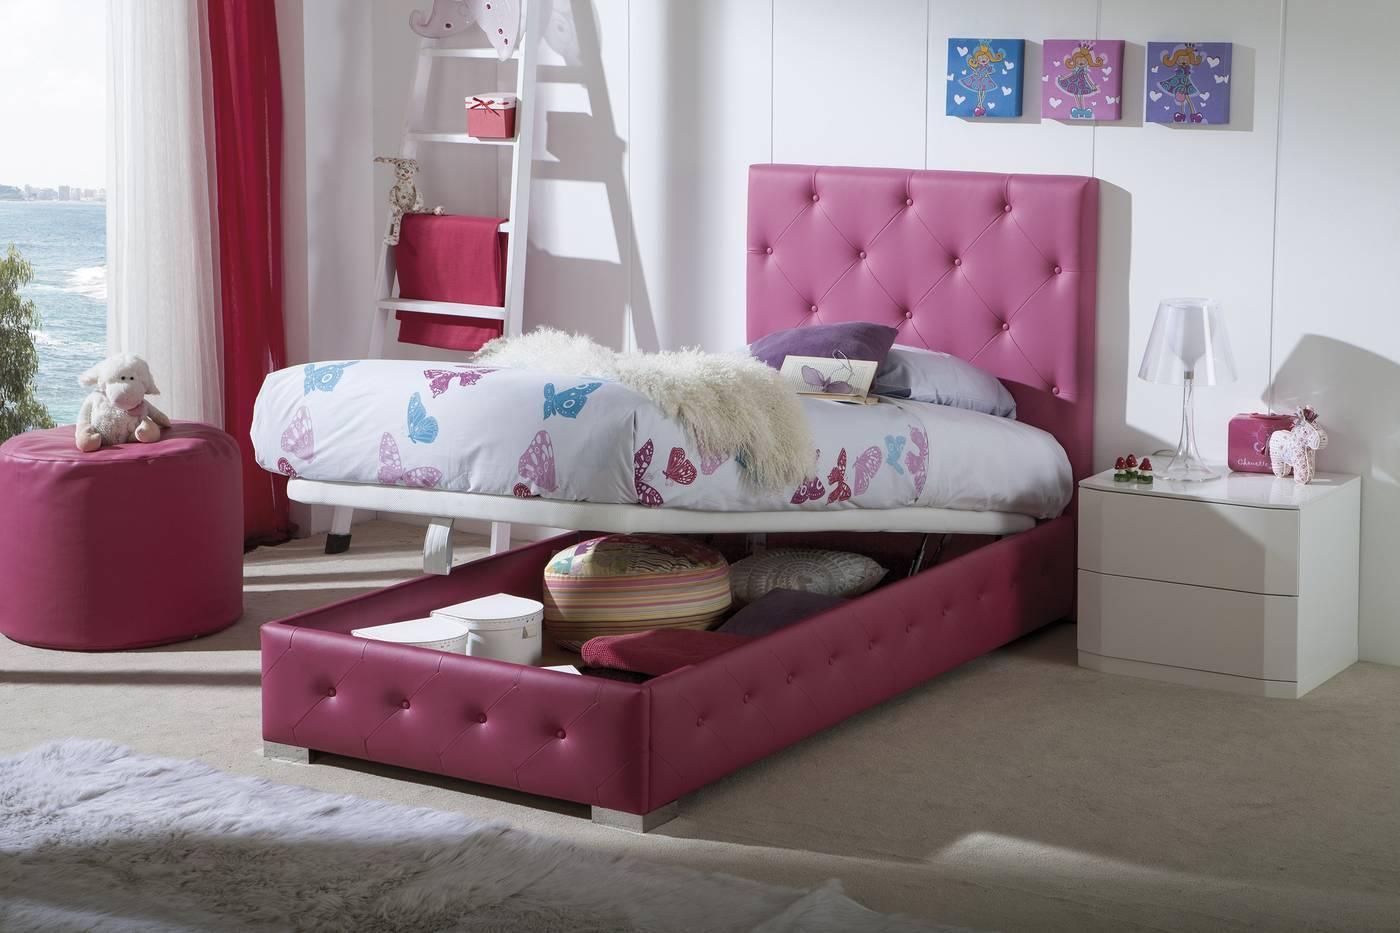 Cabeceros de cama para ni os y j venes lamparas sevilla - Cabecero cama infantil ...